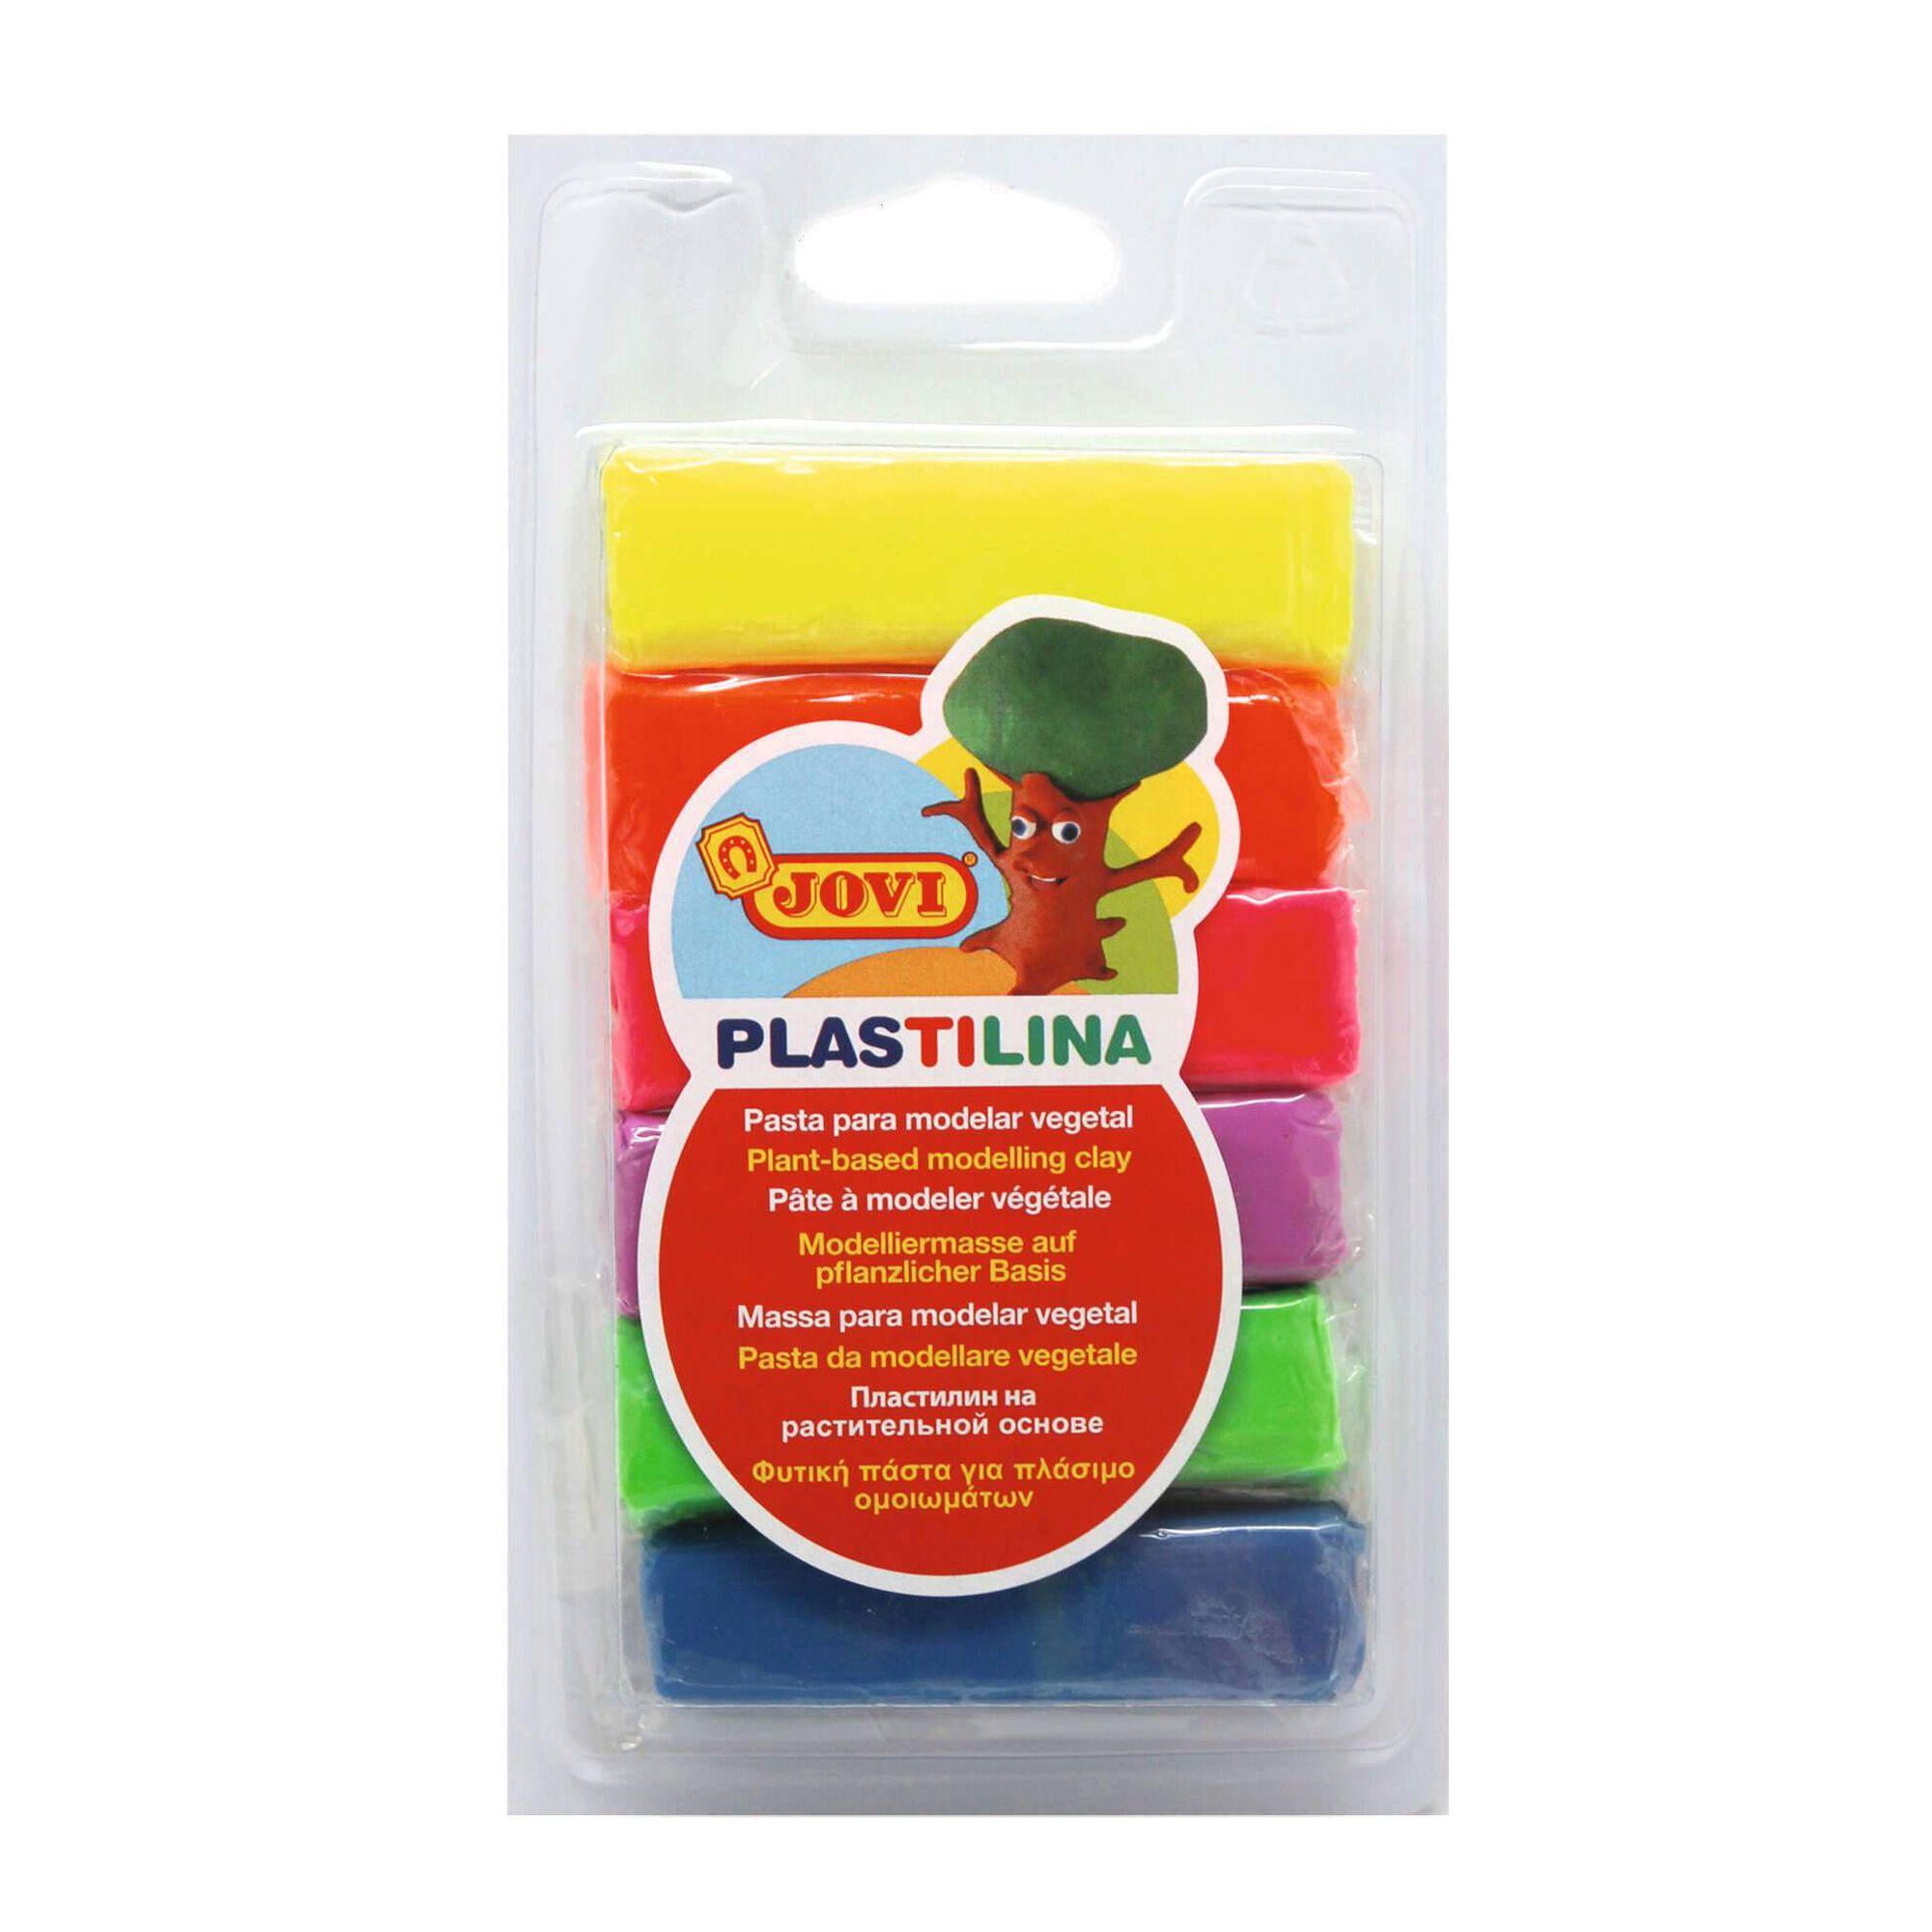 Plasticina com 6 Barras